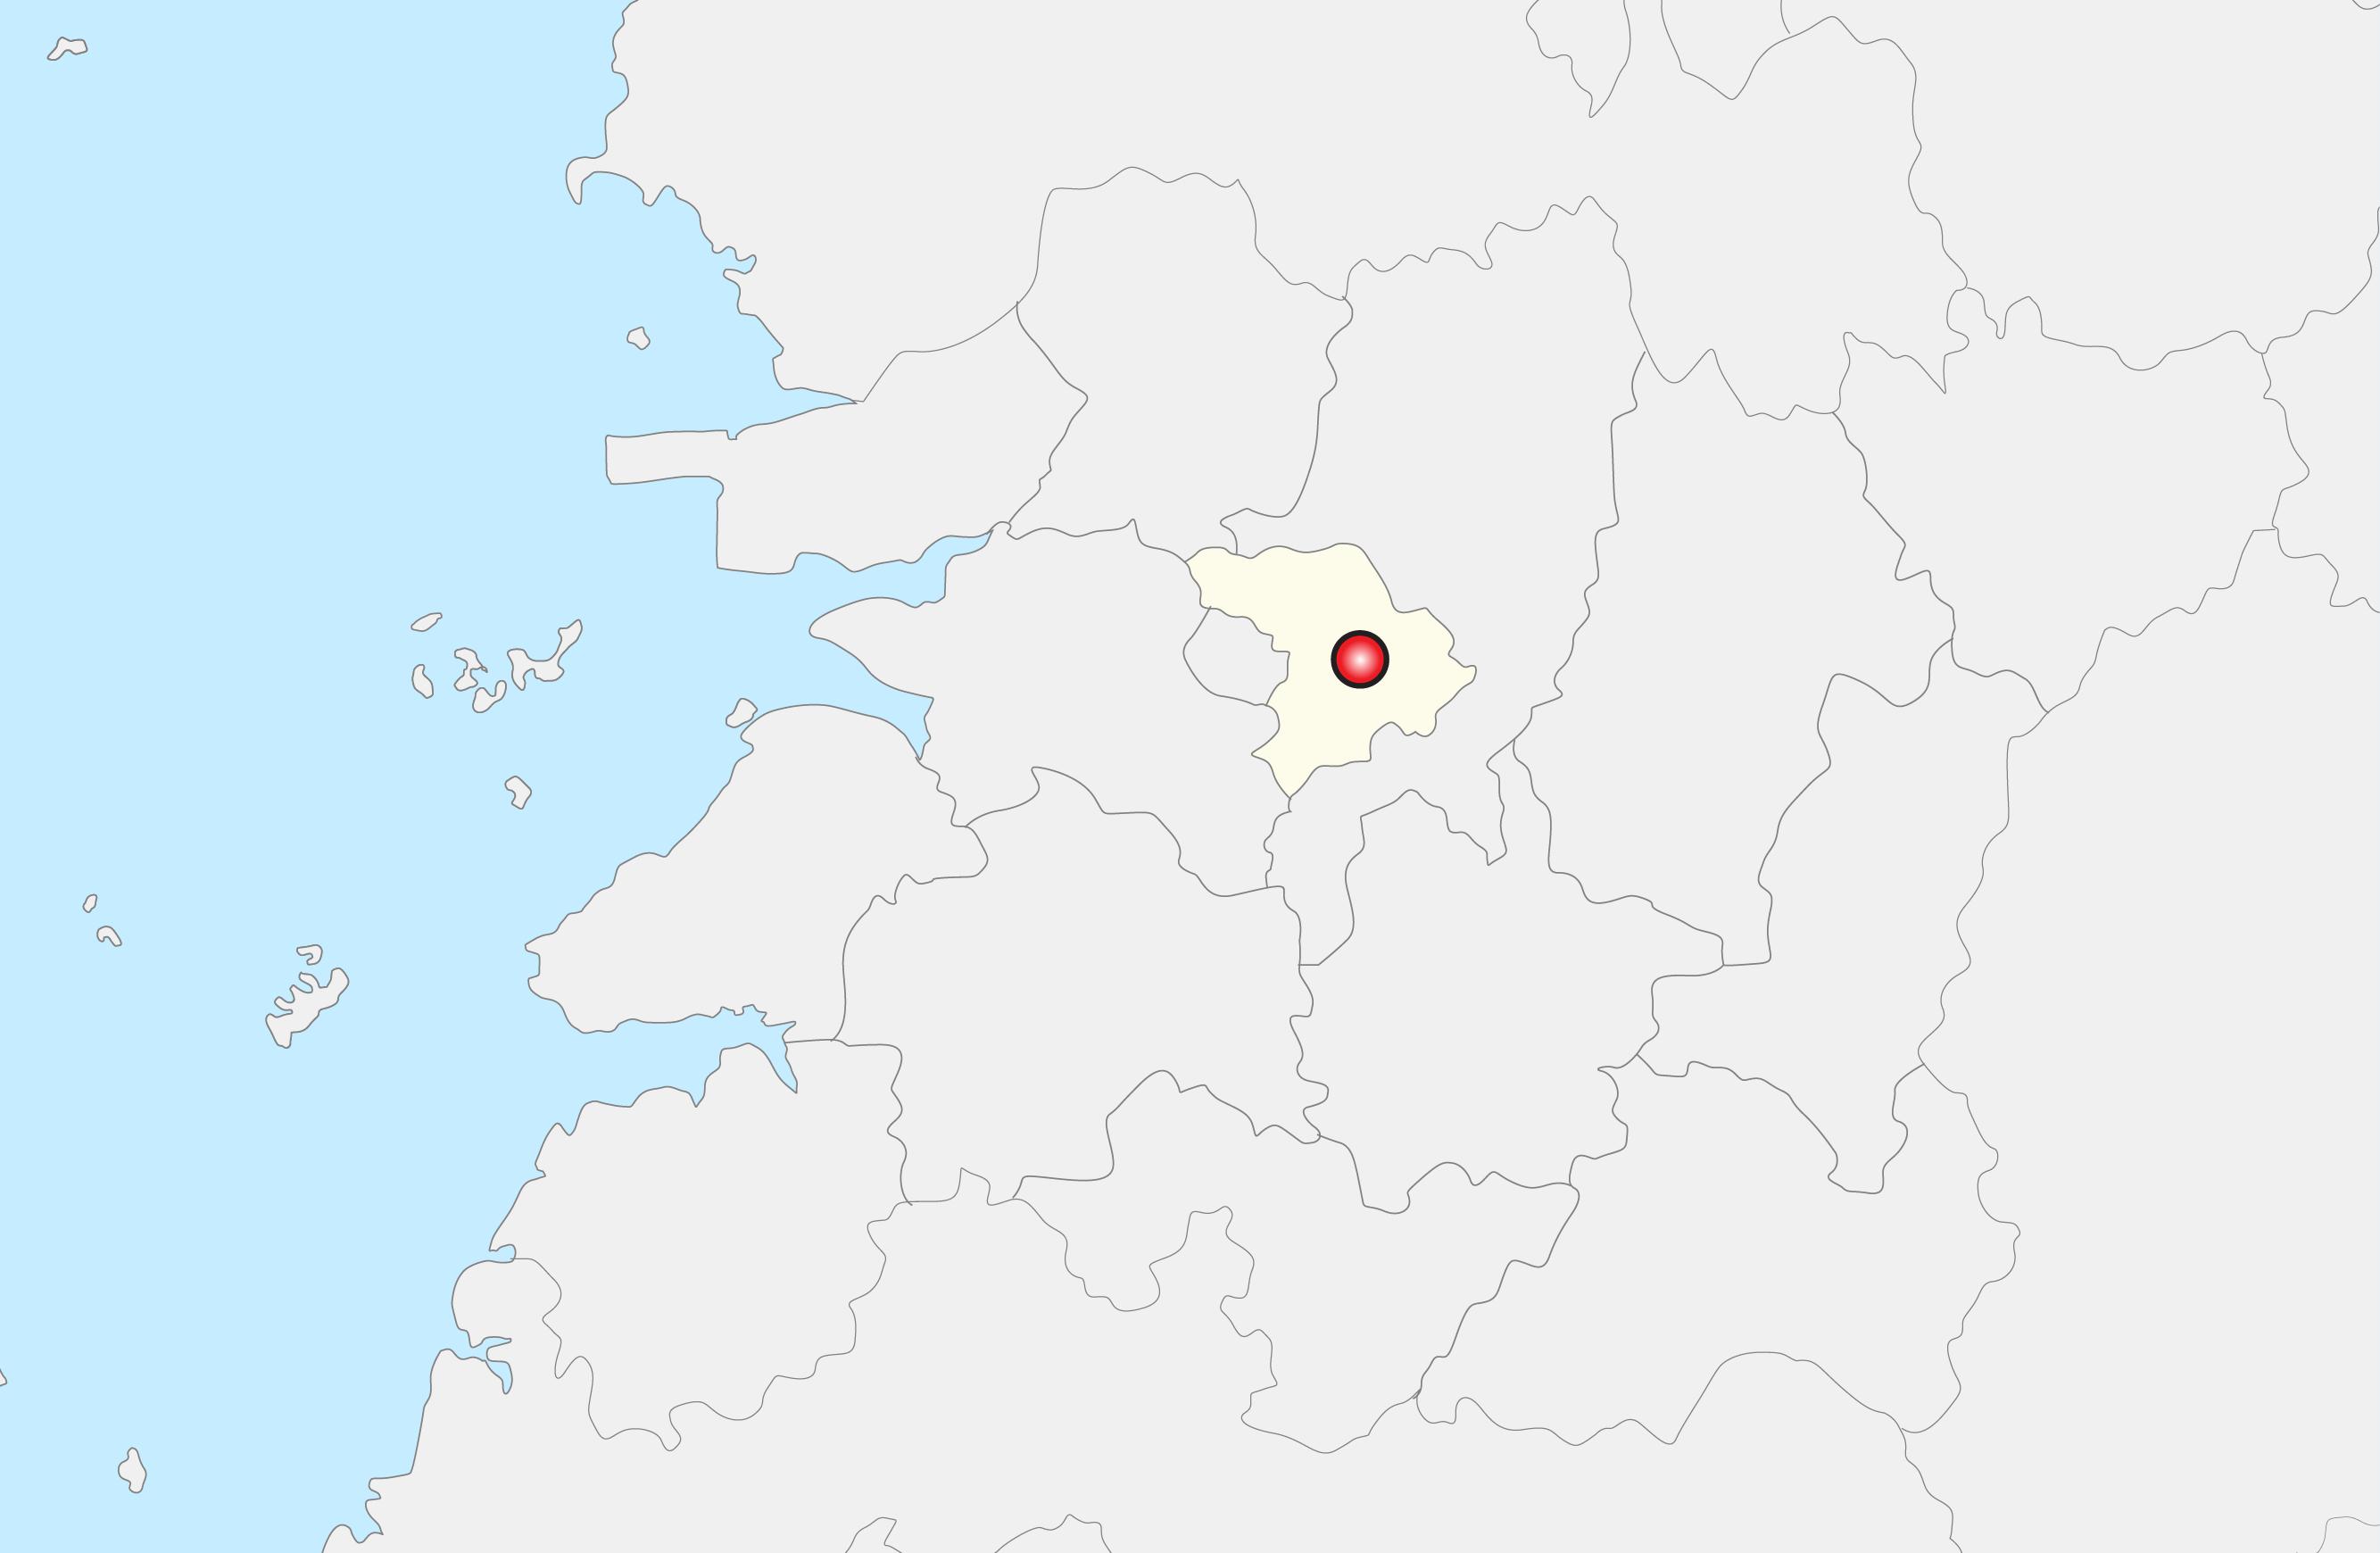 FileMap Jeonjusipng Wikimedia Commons - Jeongju map